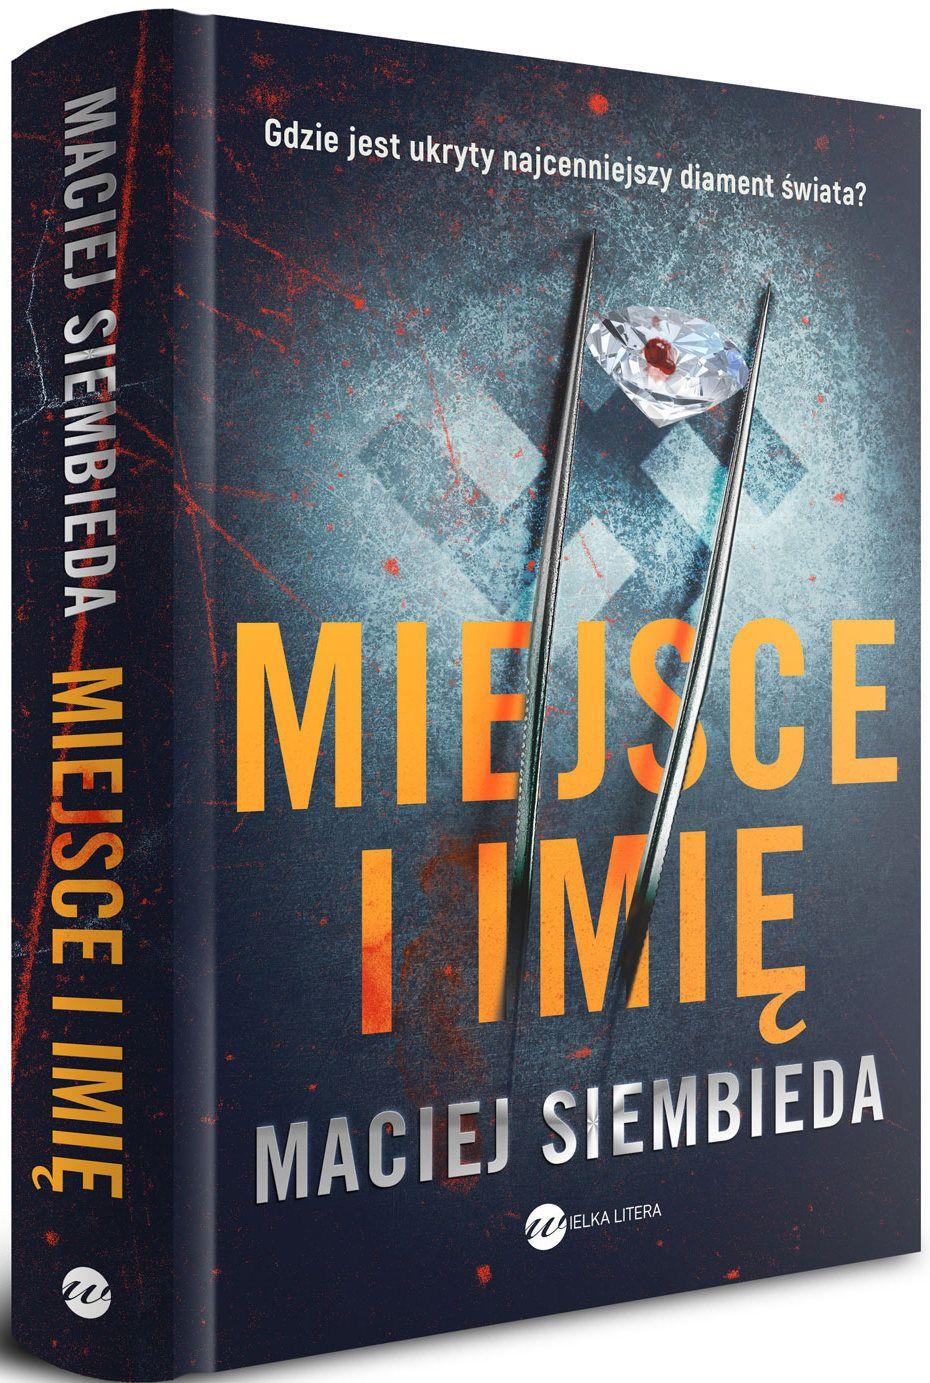 """Inspiracją do napisania tego artykuły była najnowsza powieść Macieja Siembiedy pod tytułem """"Miejsce i imię"""" (Wielka Litera 2018)."""